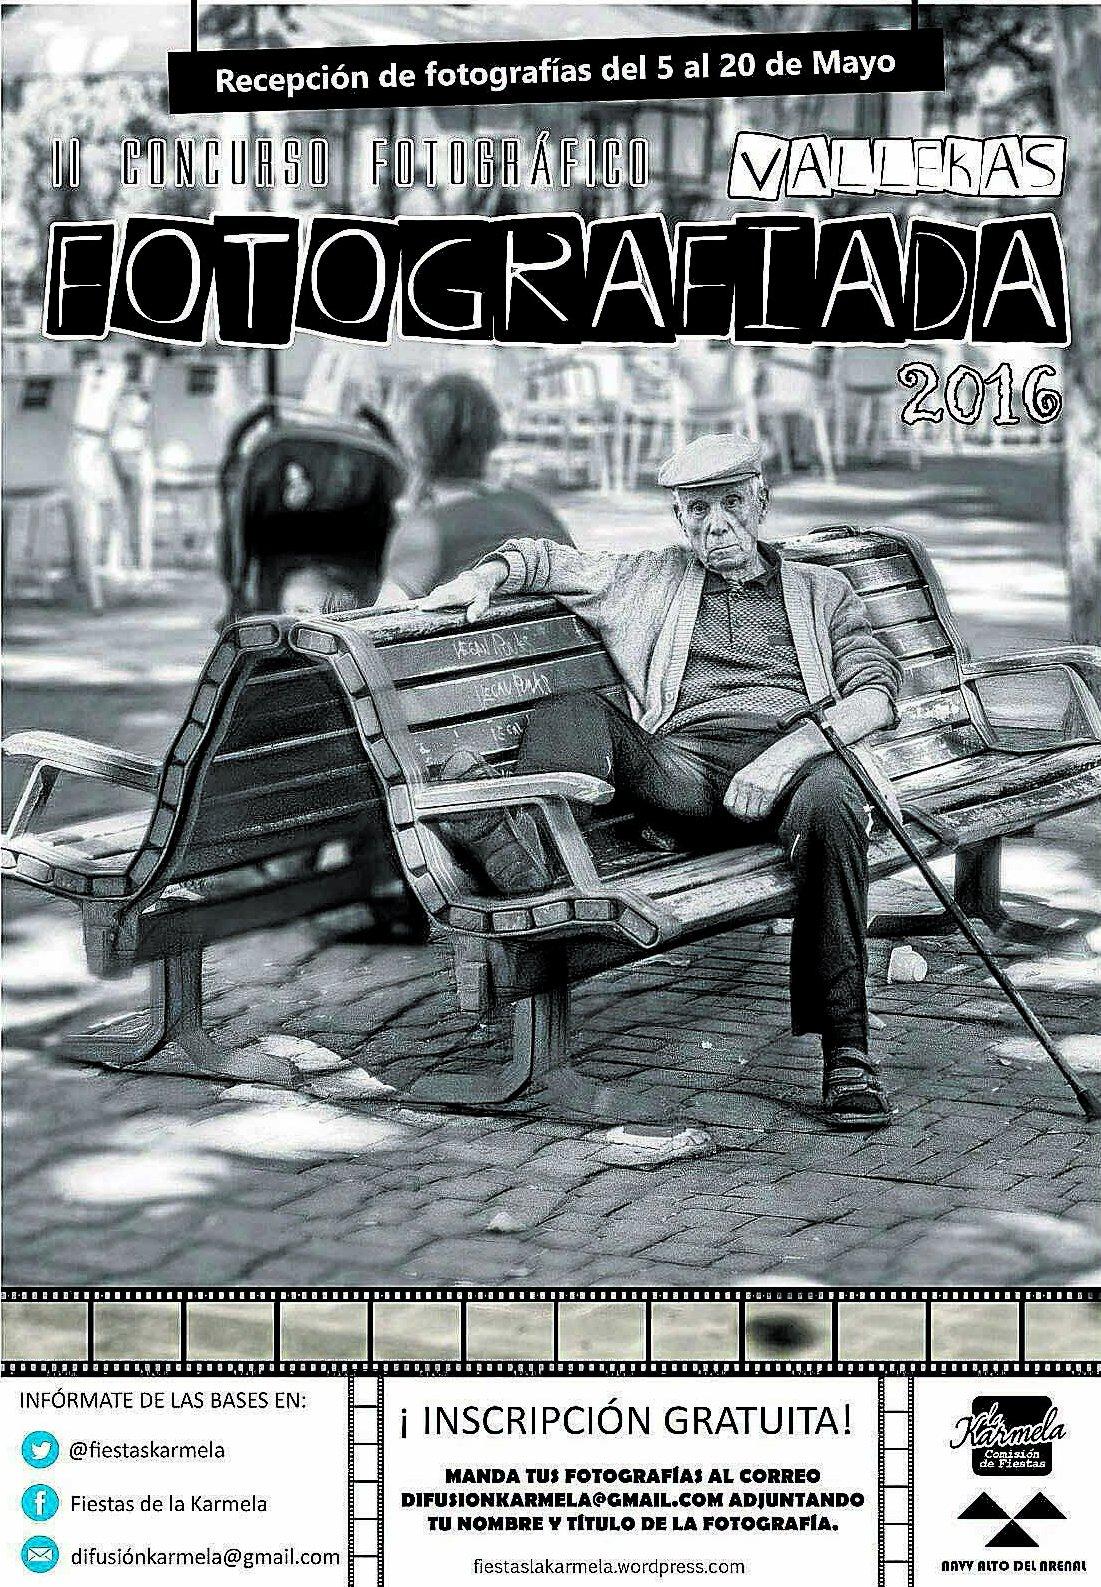 Concurso Vallekas Fotografiada